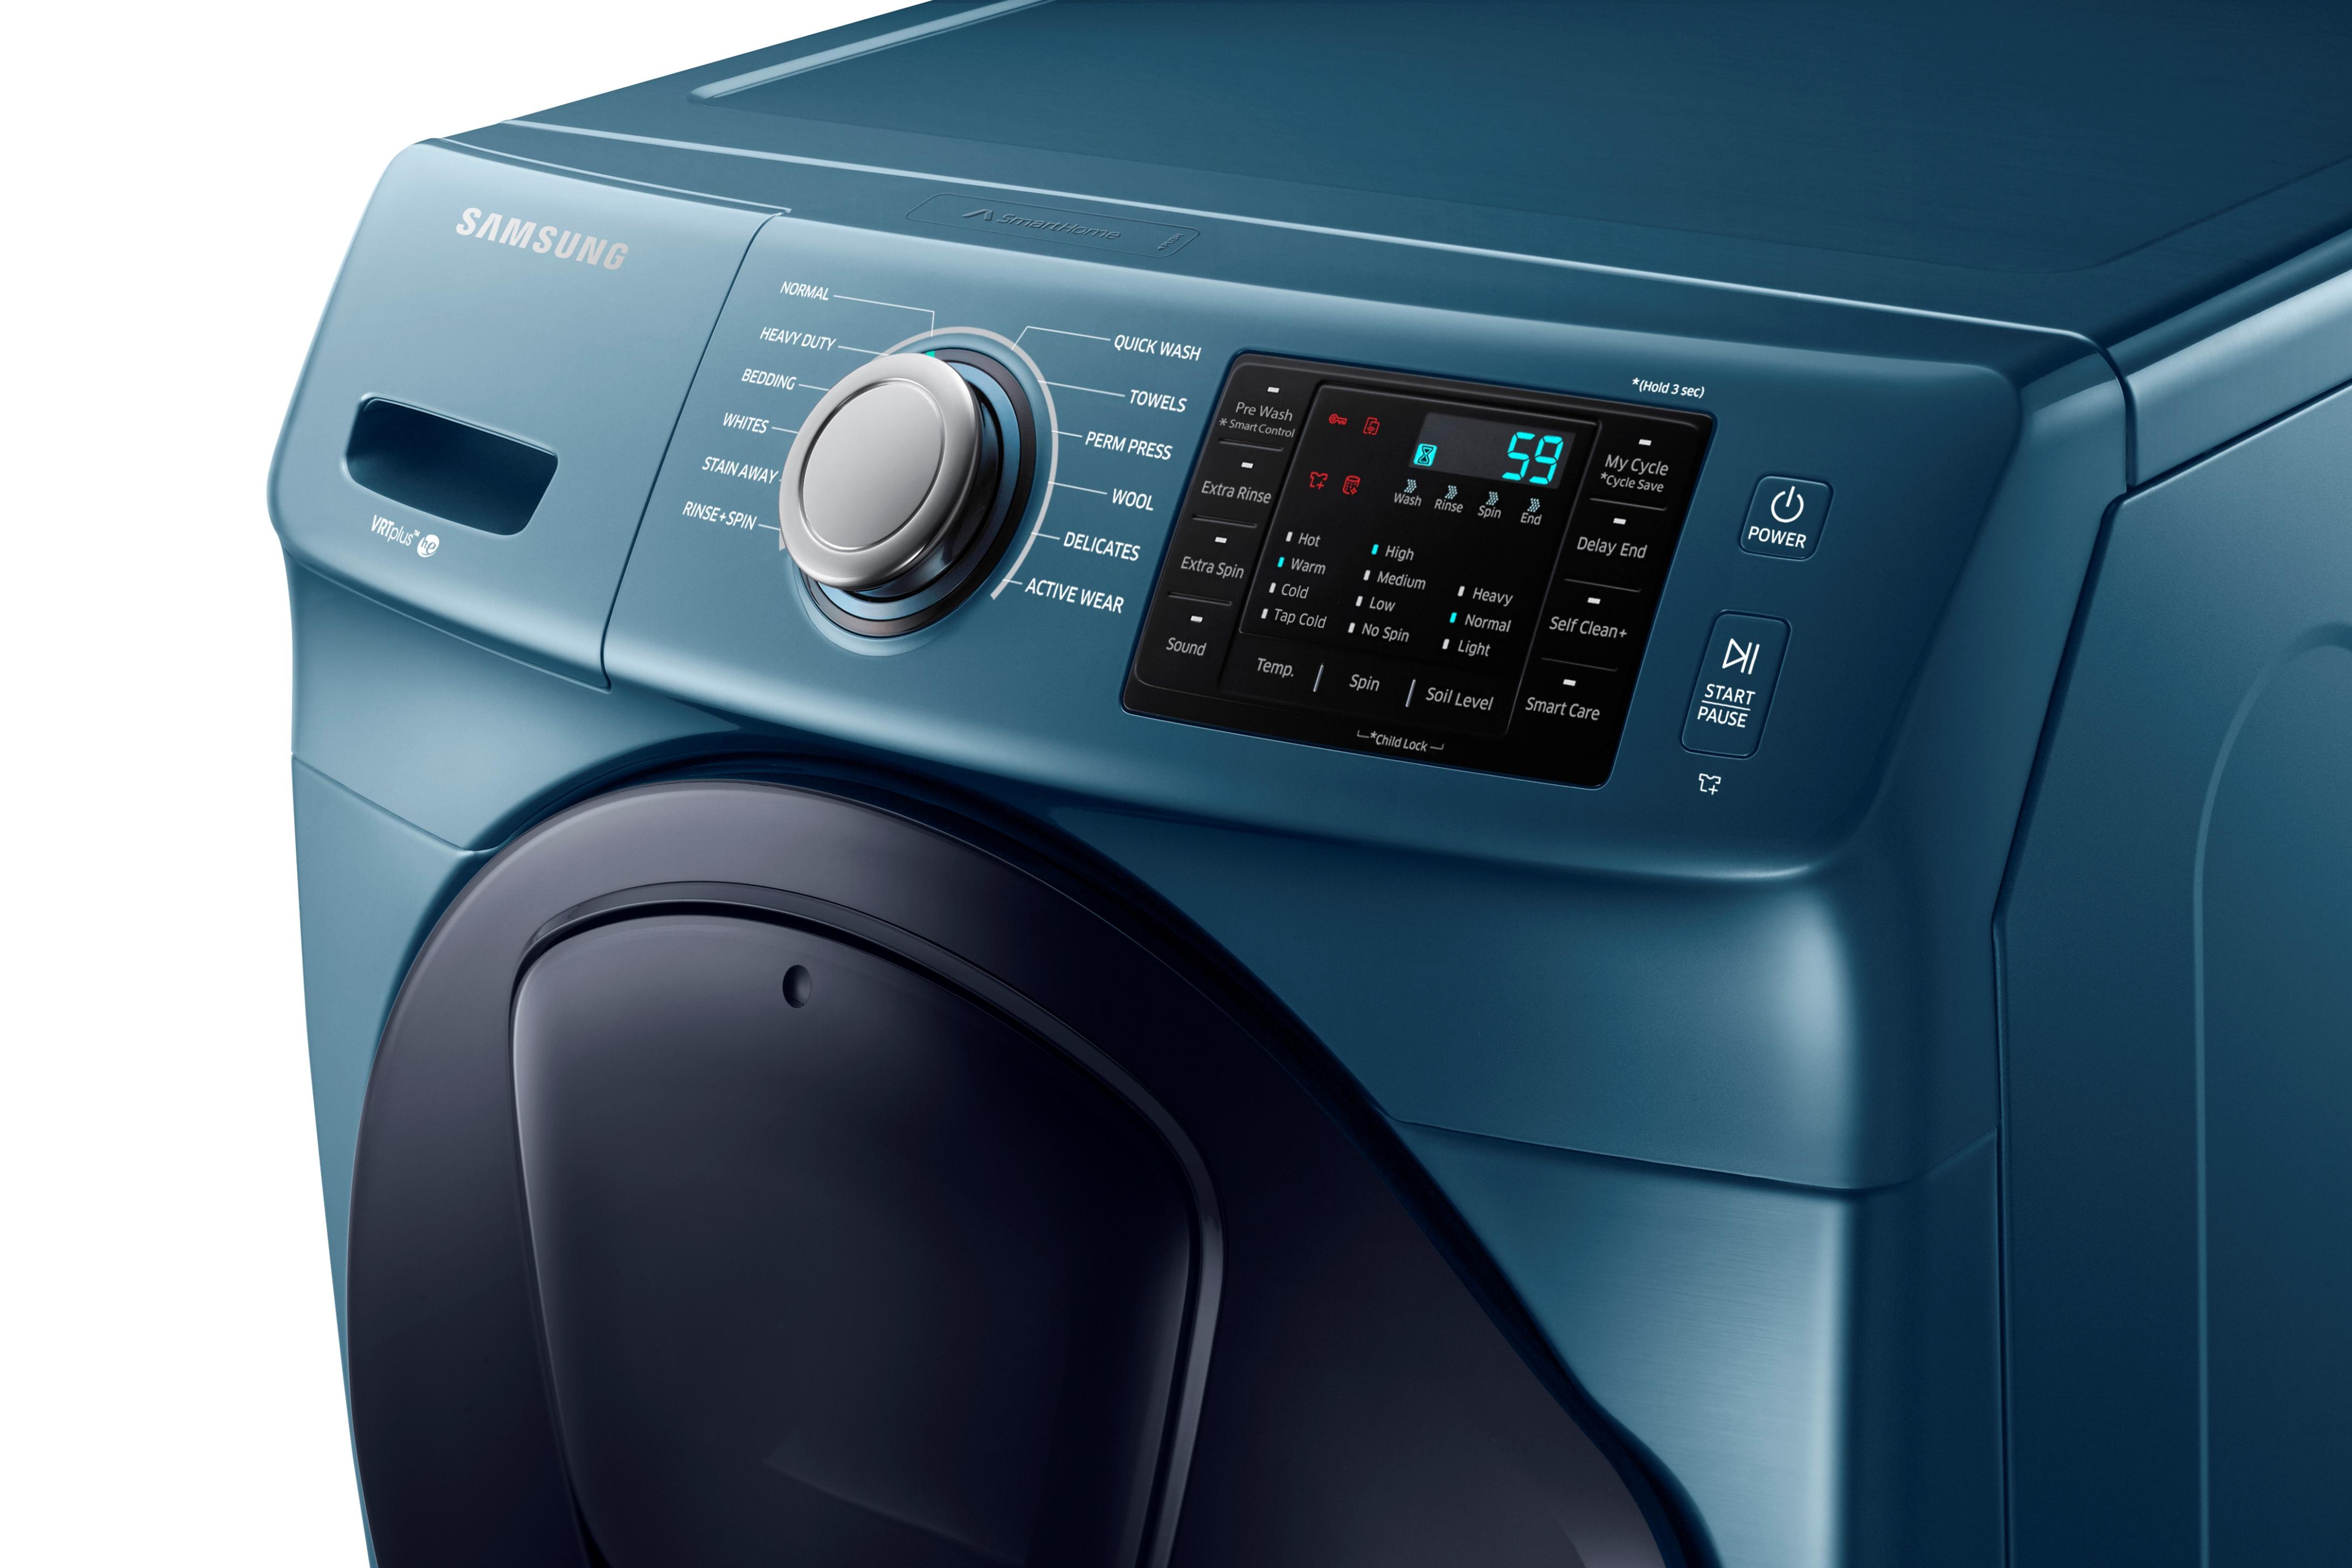 Samsung WF45K6200AZ 4.5 cu. ft. AddWash™ Front Load Washer Azure Blue